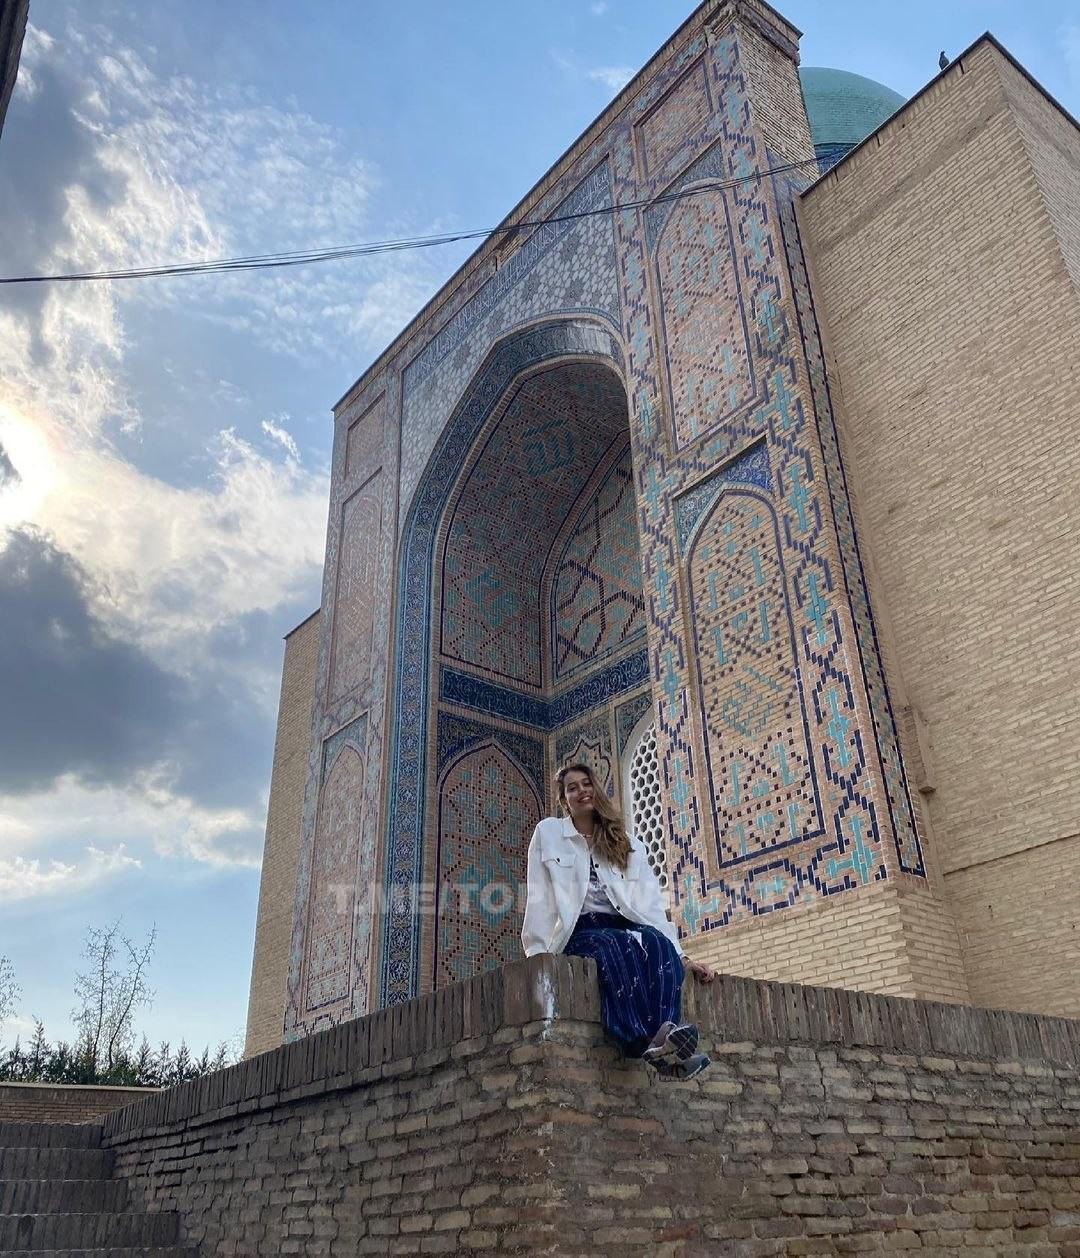 Гулнора Каримованинг қизи Ўзбекистонга қайтди (ФОТО)